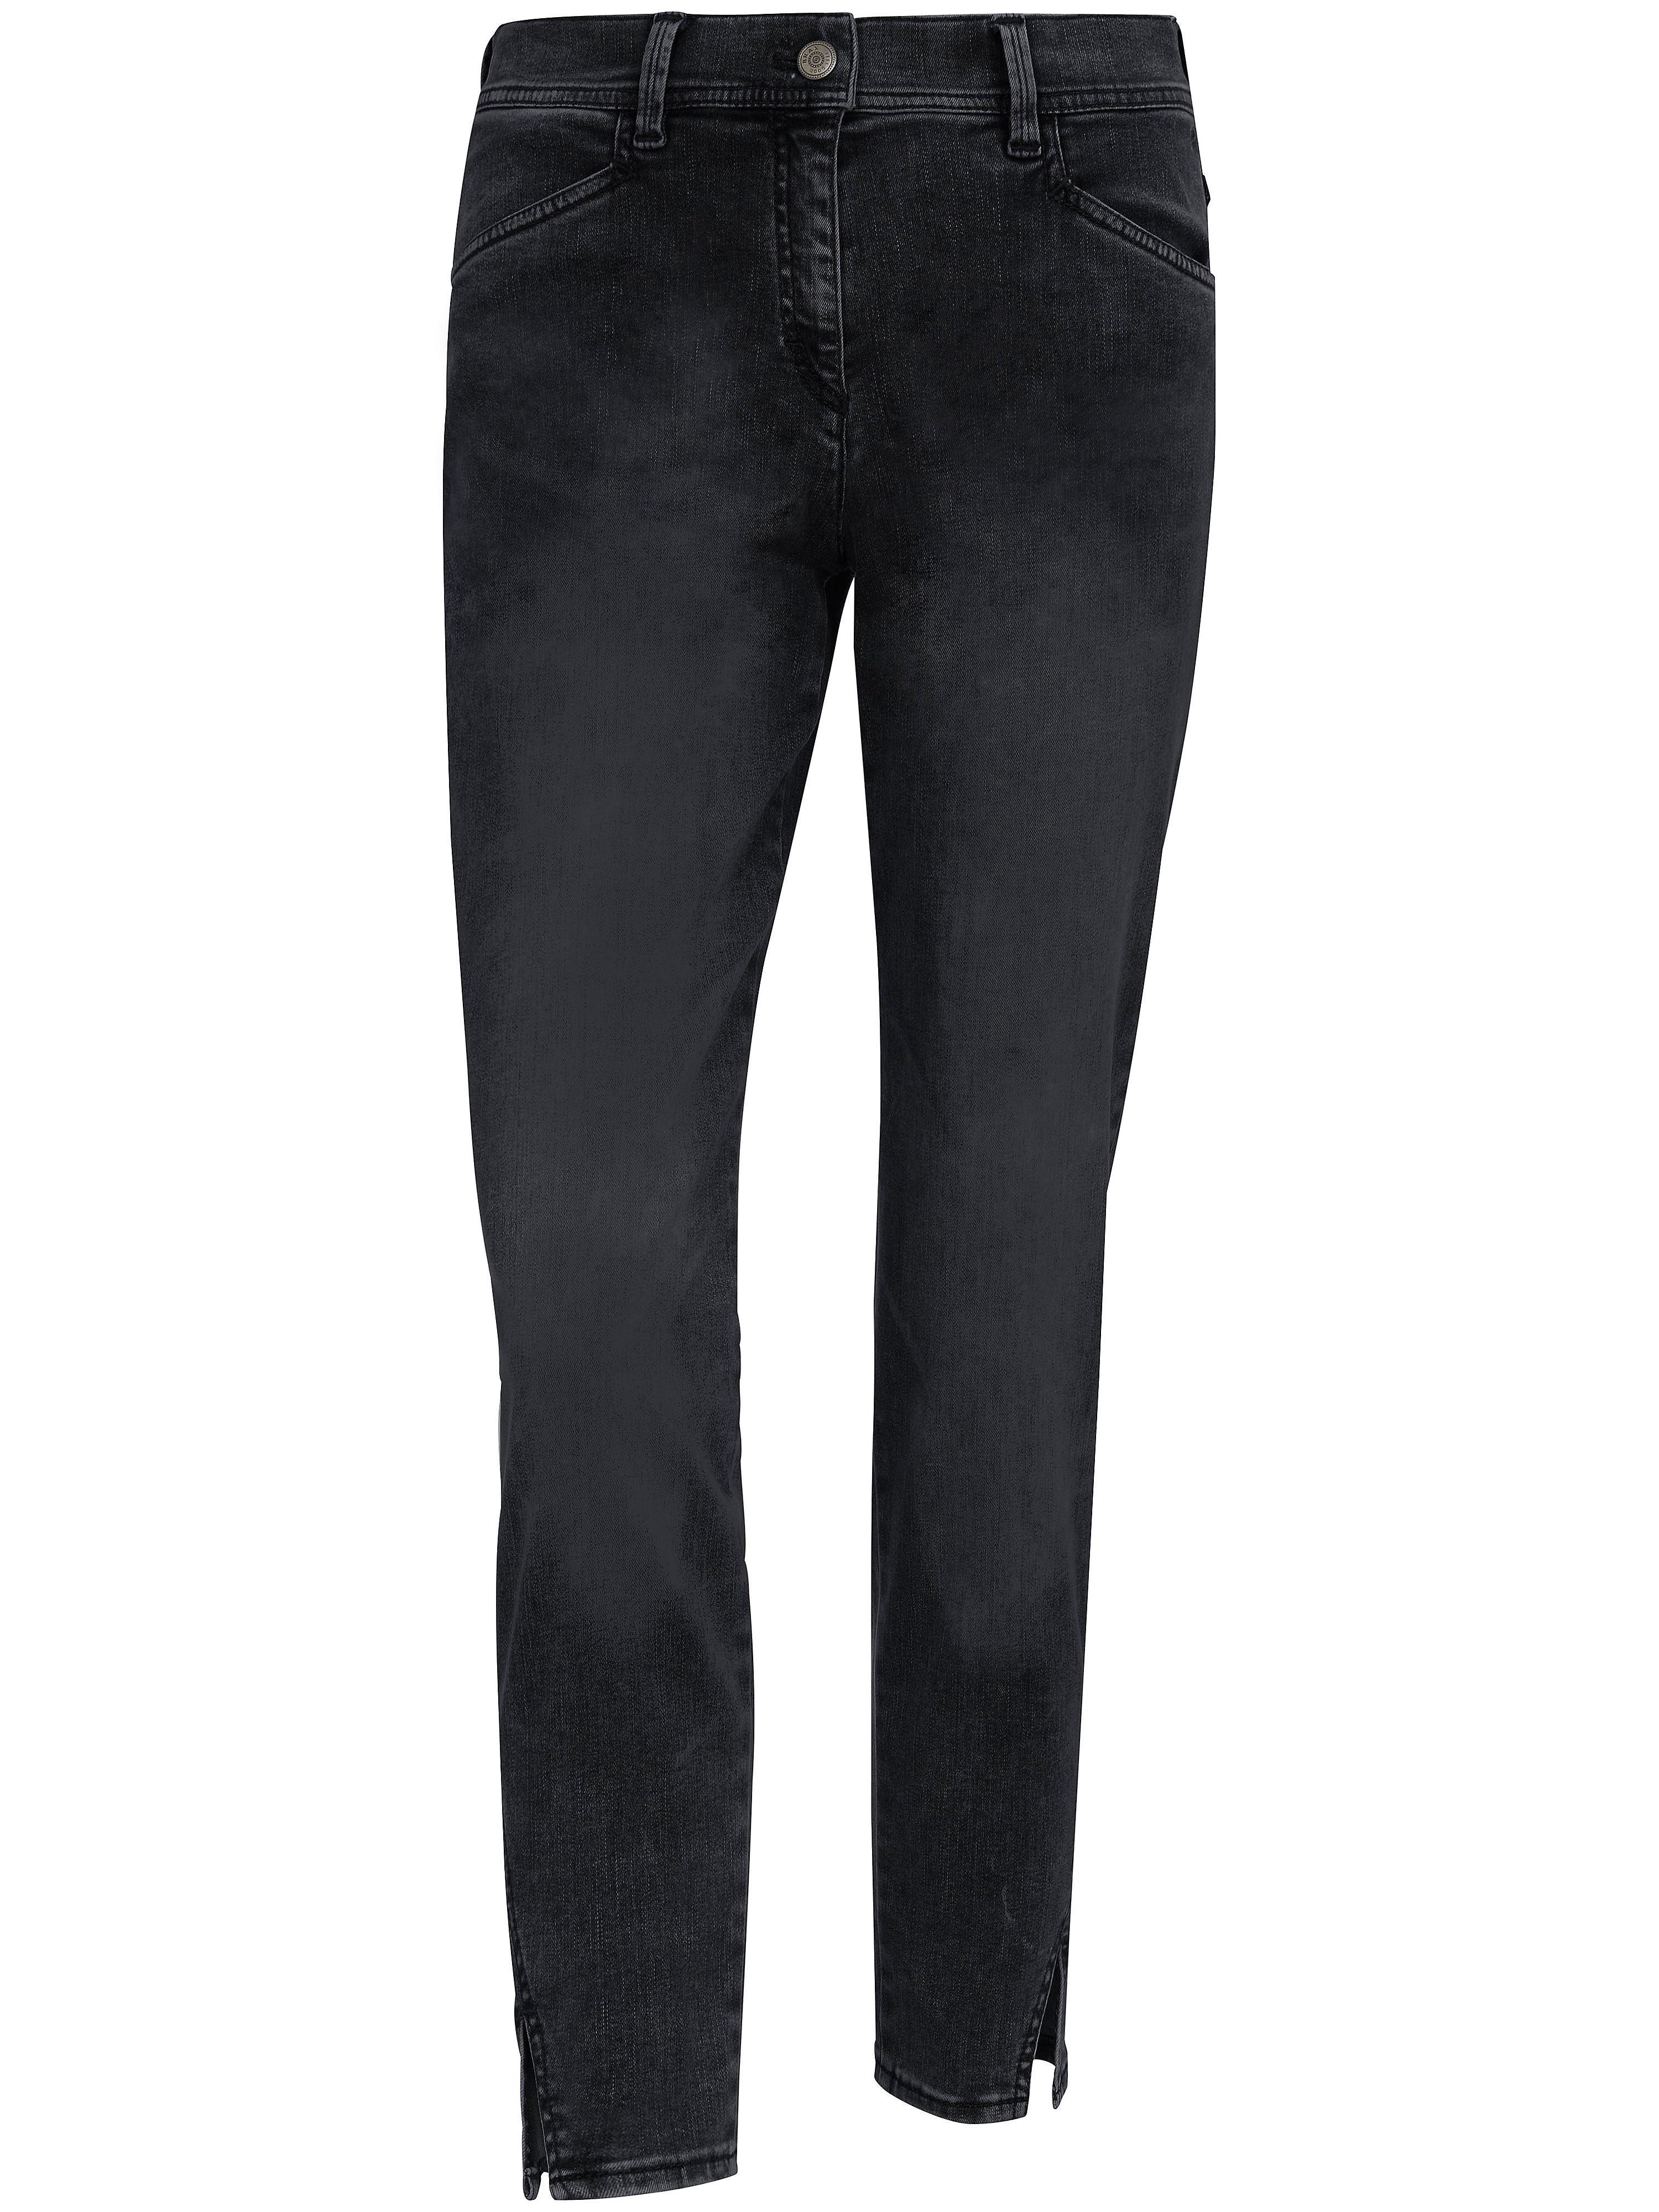 Image of Enkellange 'Slim Fit'-jeans Van Brax Feel Good denim